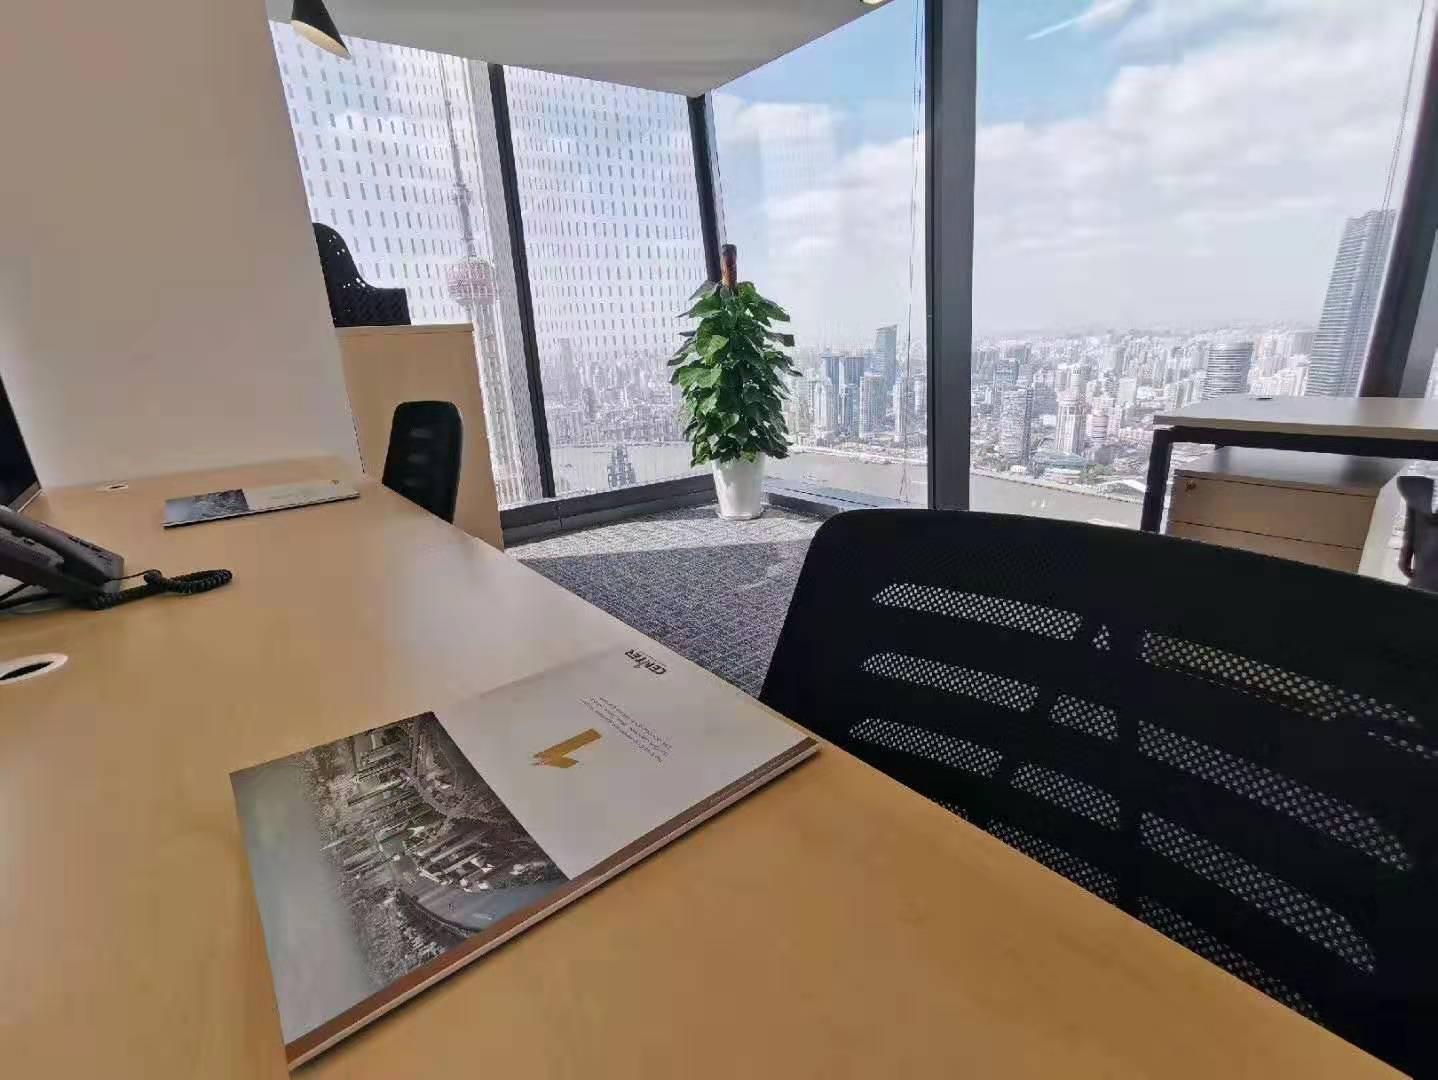 时代金融中心丸盛出租3人间带窗户现房